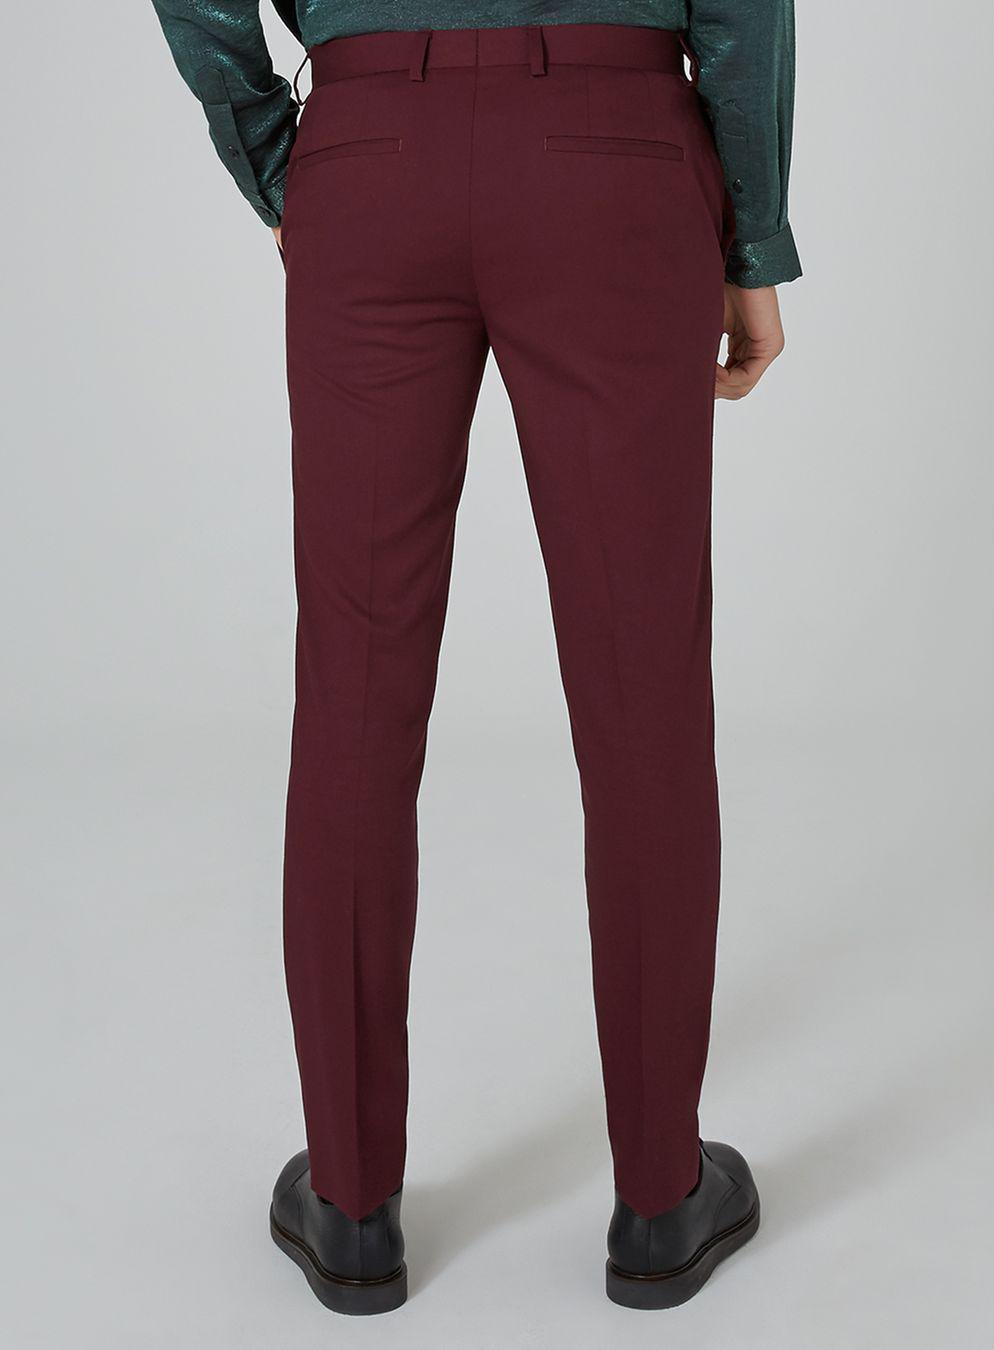 TOPMAN Synthetic Burgundy Skinny Tuxedo Trouser in Red for Men